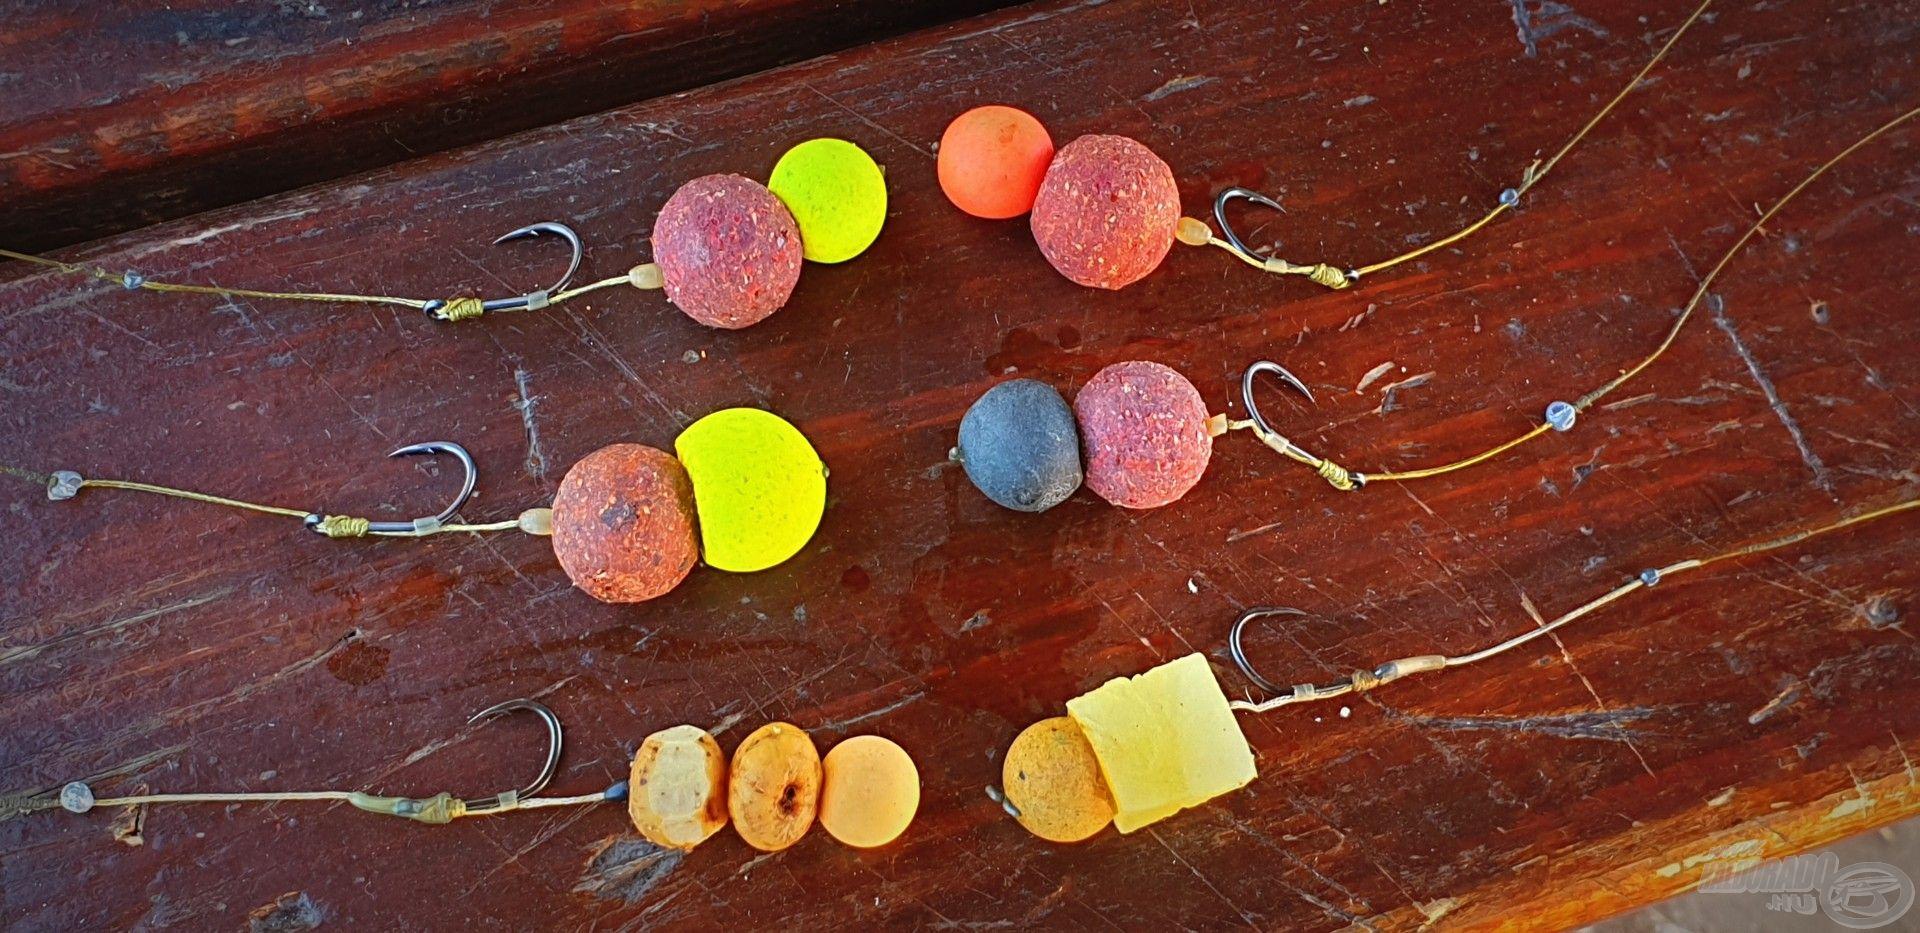 Ezen a horgászaton is jutott szerep a kísérletezésnek, többféle csalikombinációt készítettem elő